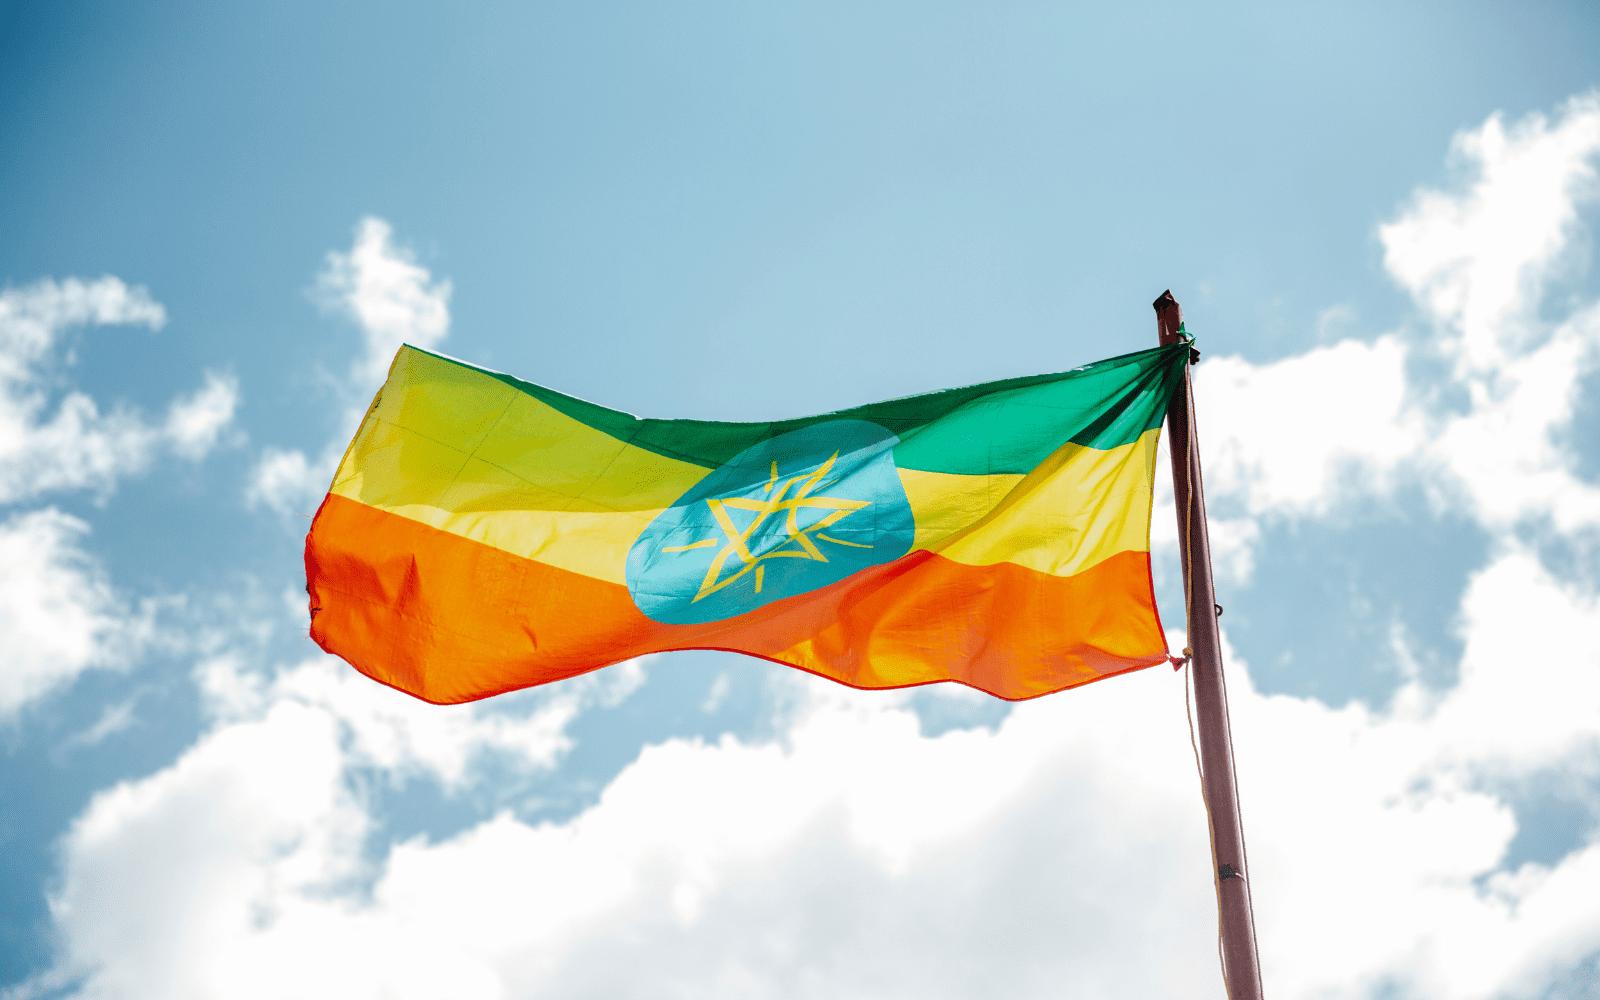 Drapeau de l'Ethiopie qui flotte dans les airs